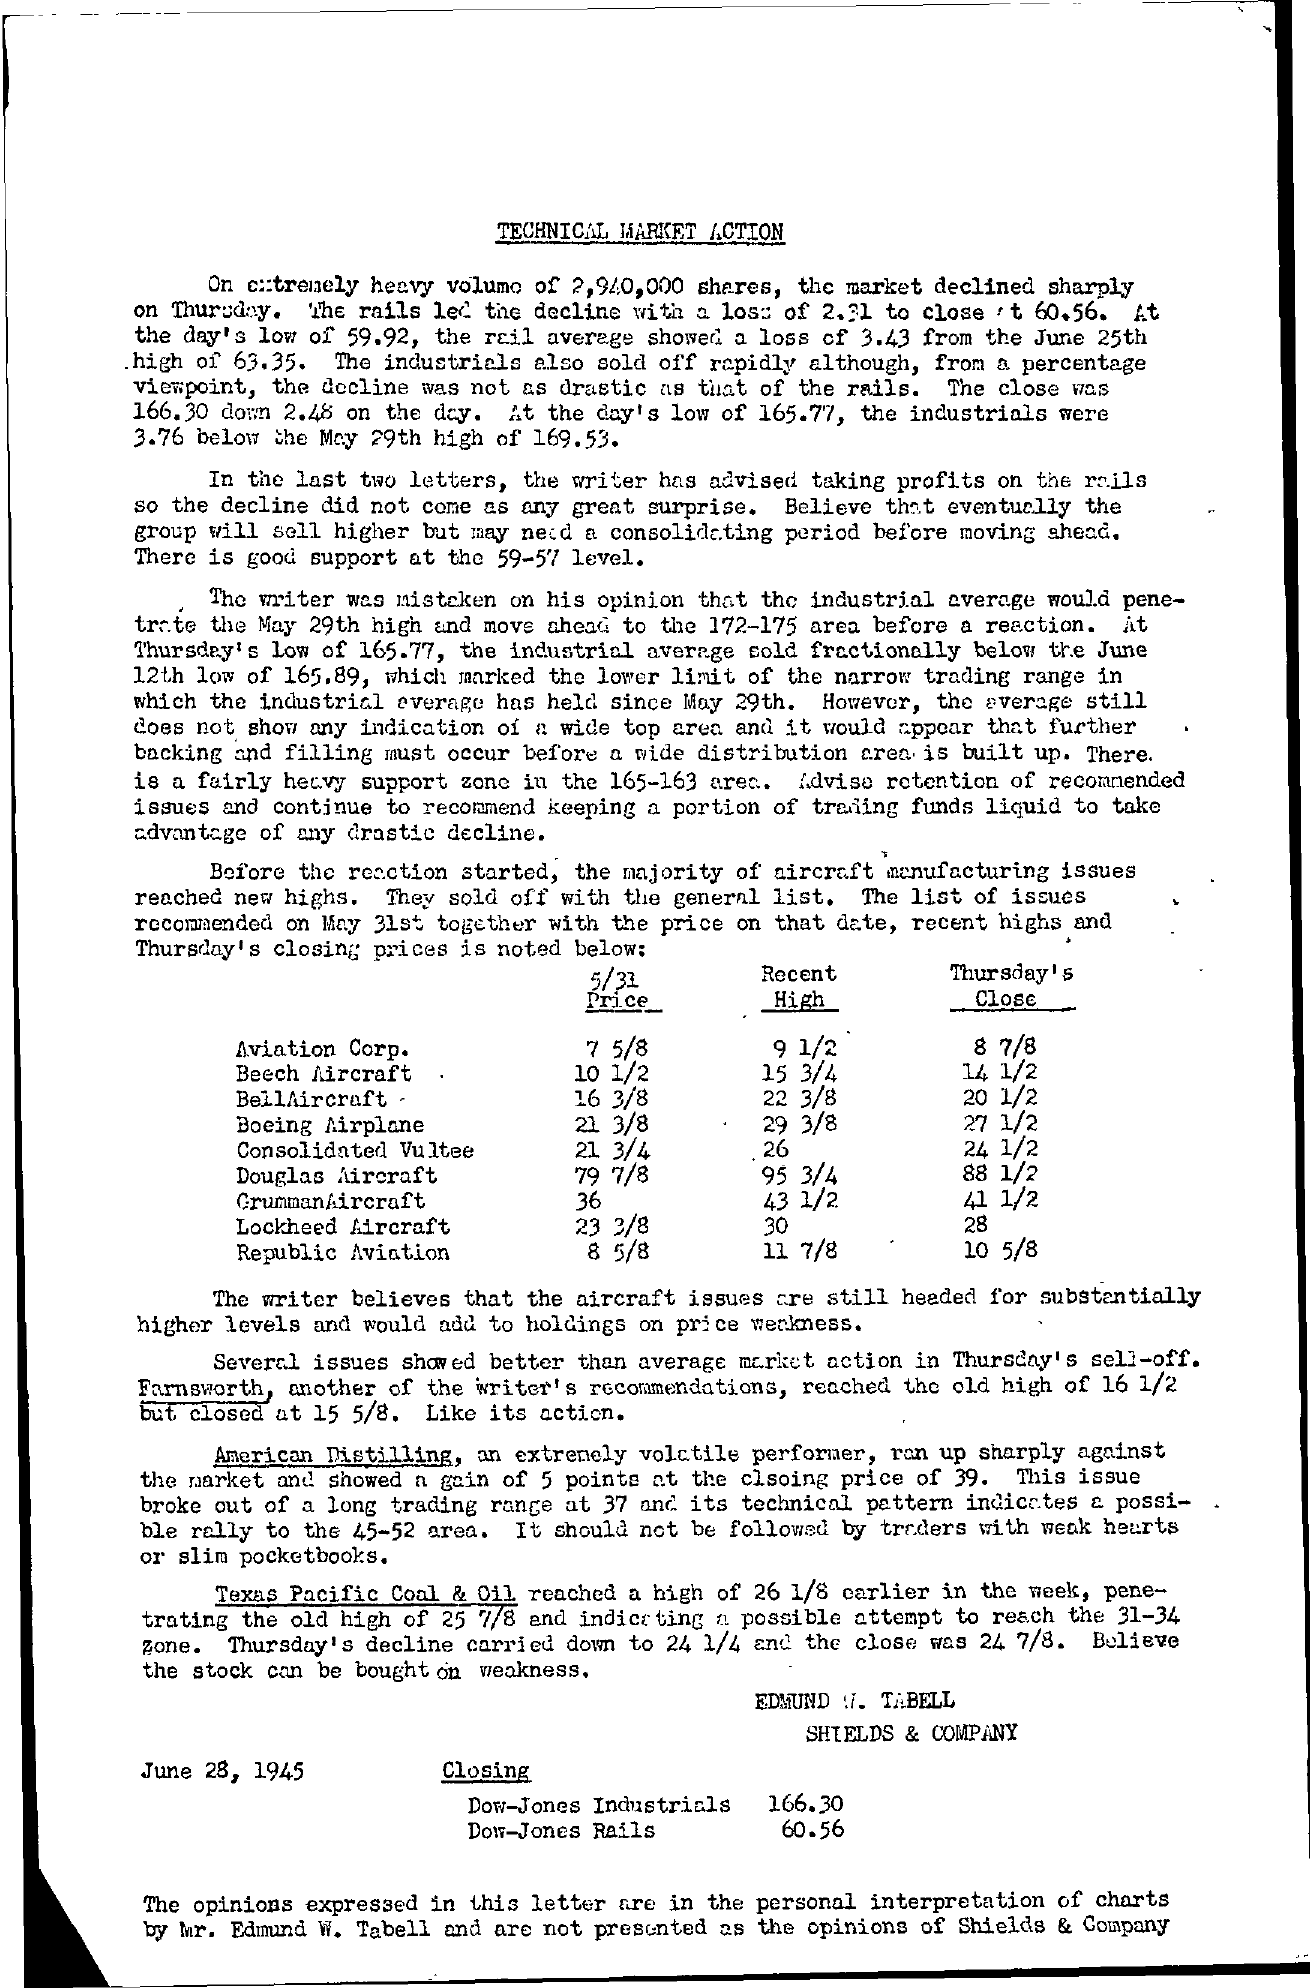 Tabell's Market Letter - June 28, 1945